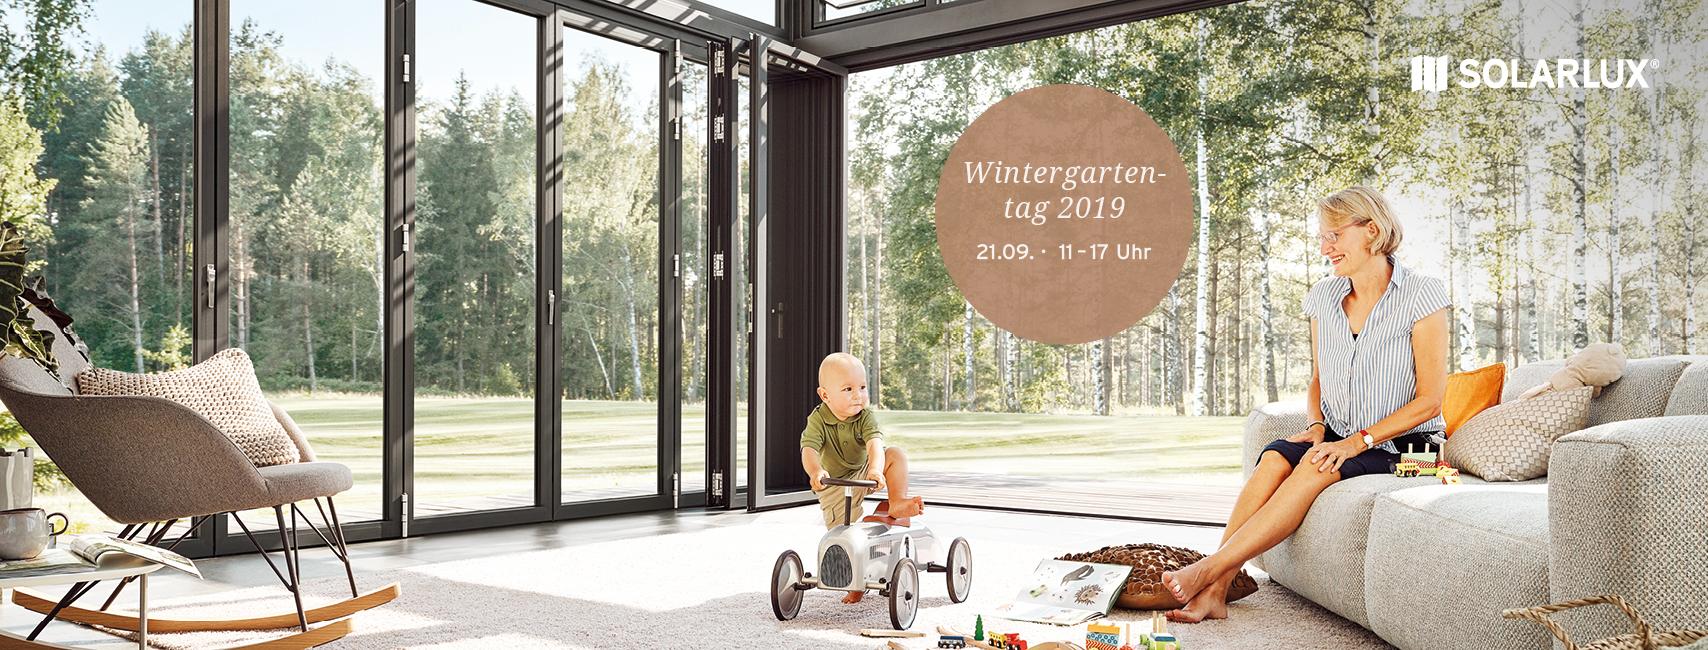 Einladung_zum_Wintergartentag_21.09.2019